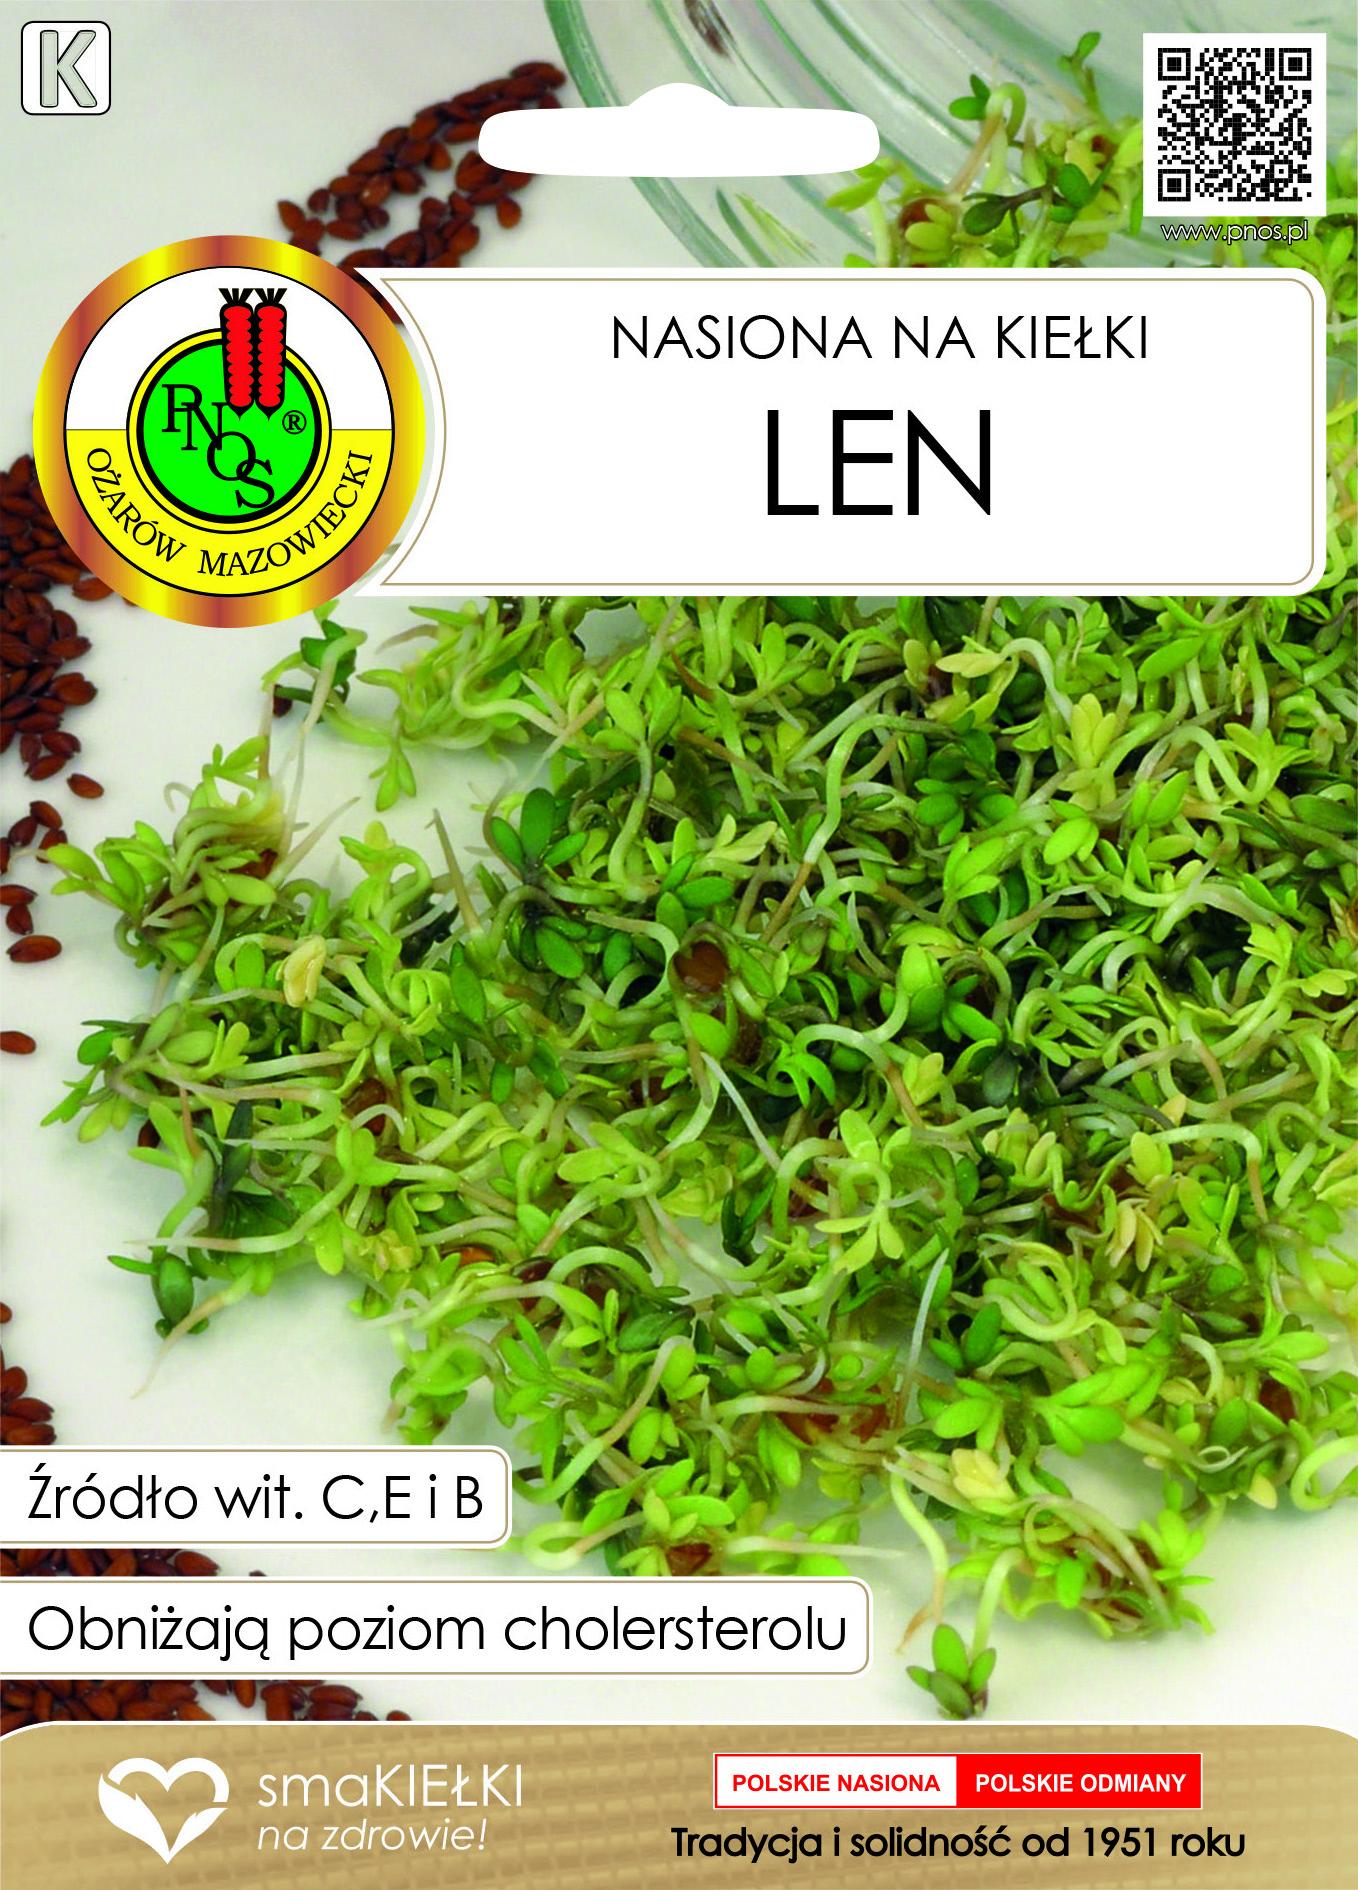 5904232004537_NASIONA_NA_KIELKI_LEN